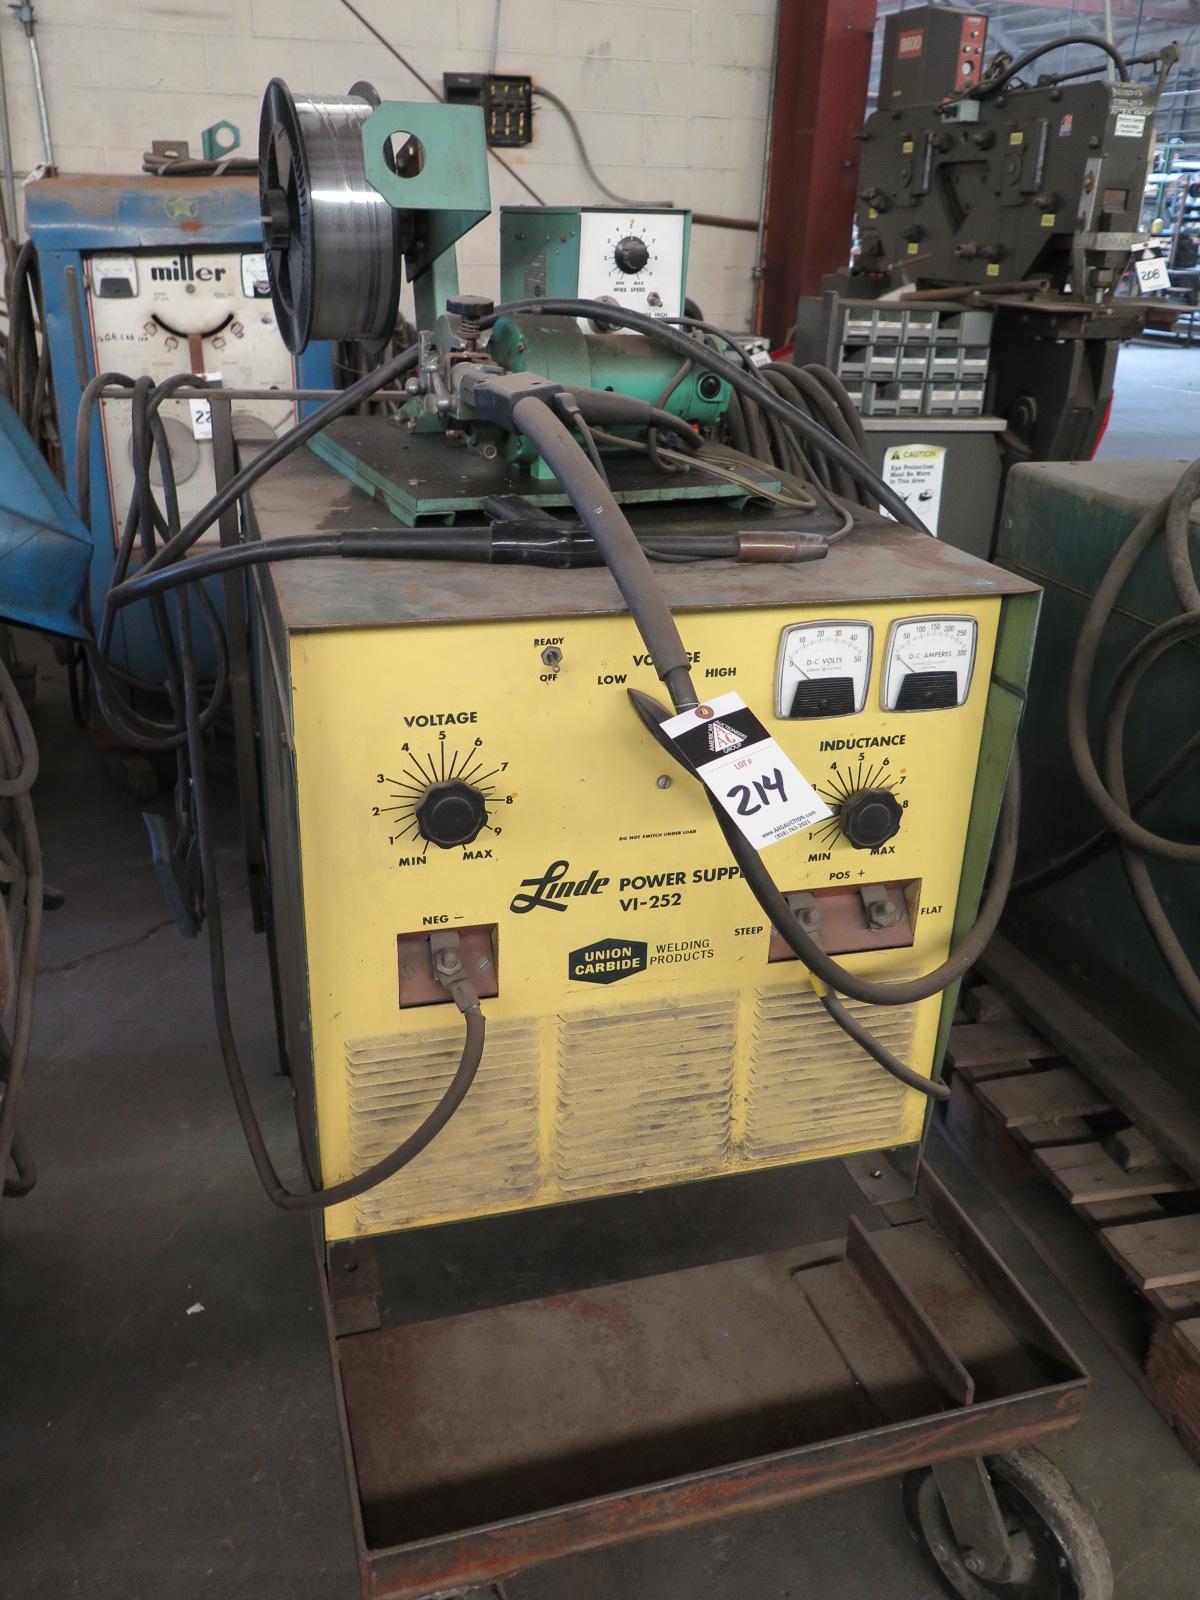 Lot 214 - Linde VI-252 Arc welding Power Source w/ Linde Wire Feeder